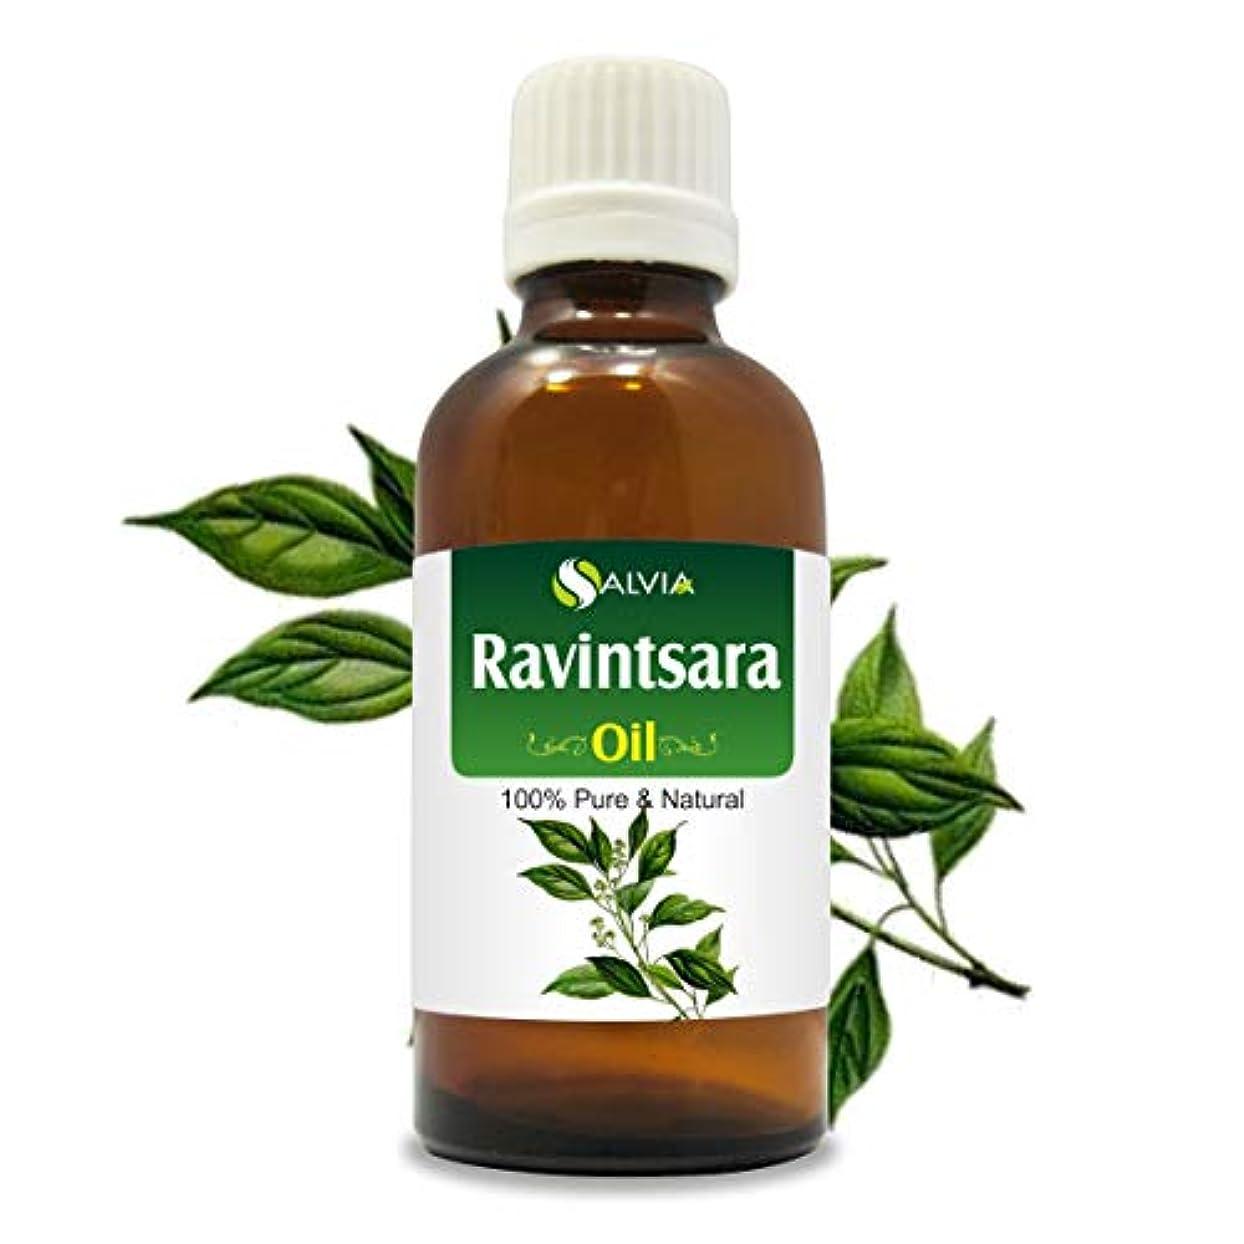 発揮する原始的な交差点Ravintsara Oil (Cinnamomum camphora) 100% Natural Pure Undiluted Uncut Essential Oil 30ml